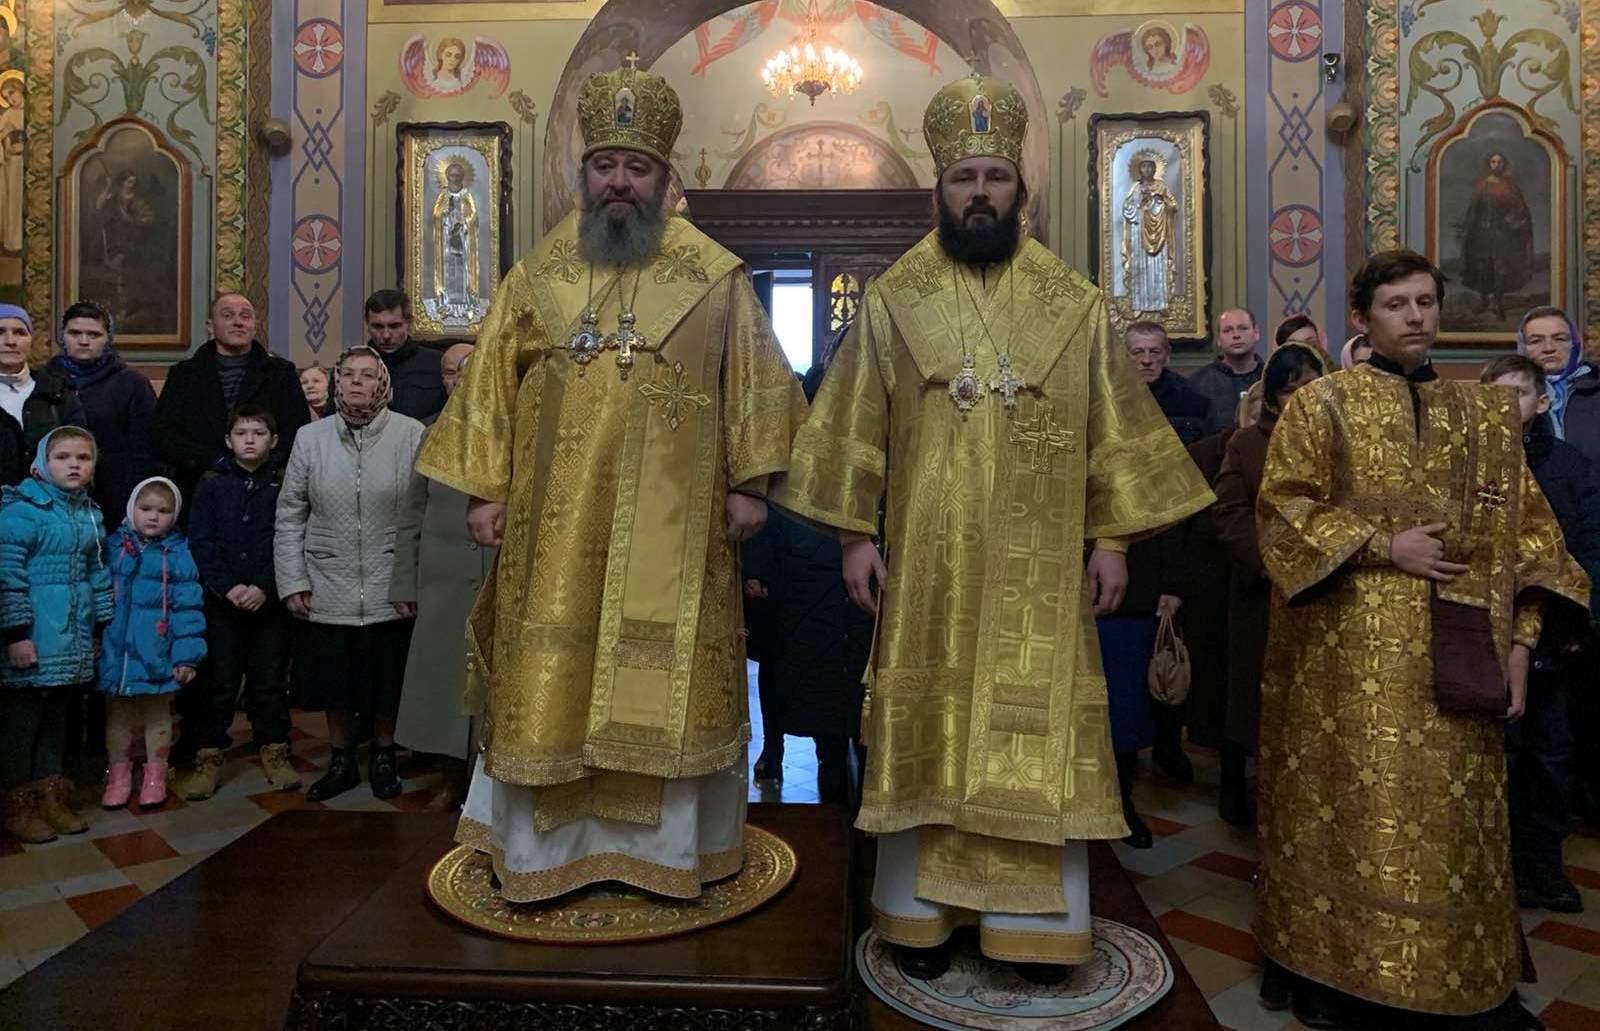 Єпископ Польської Церкви прибув на Волинь підтримати УПЦ (МП)